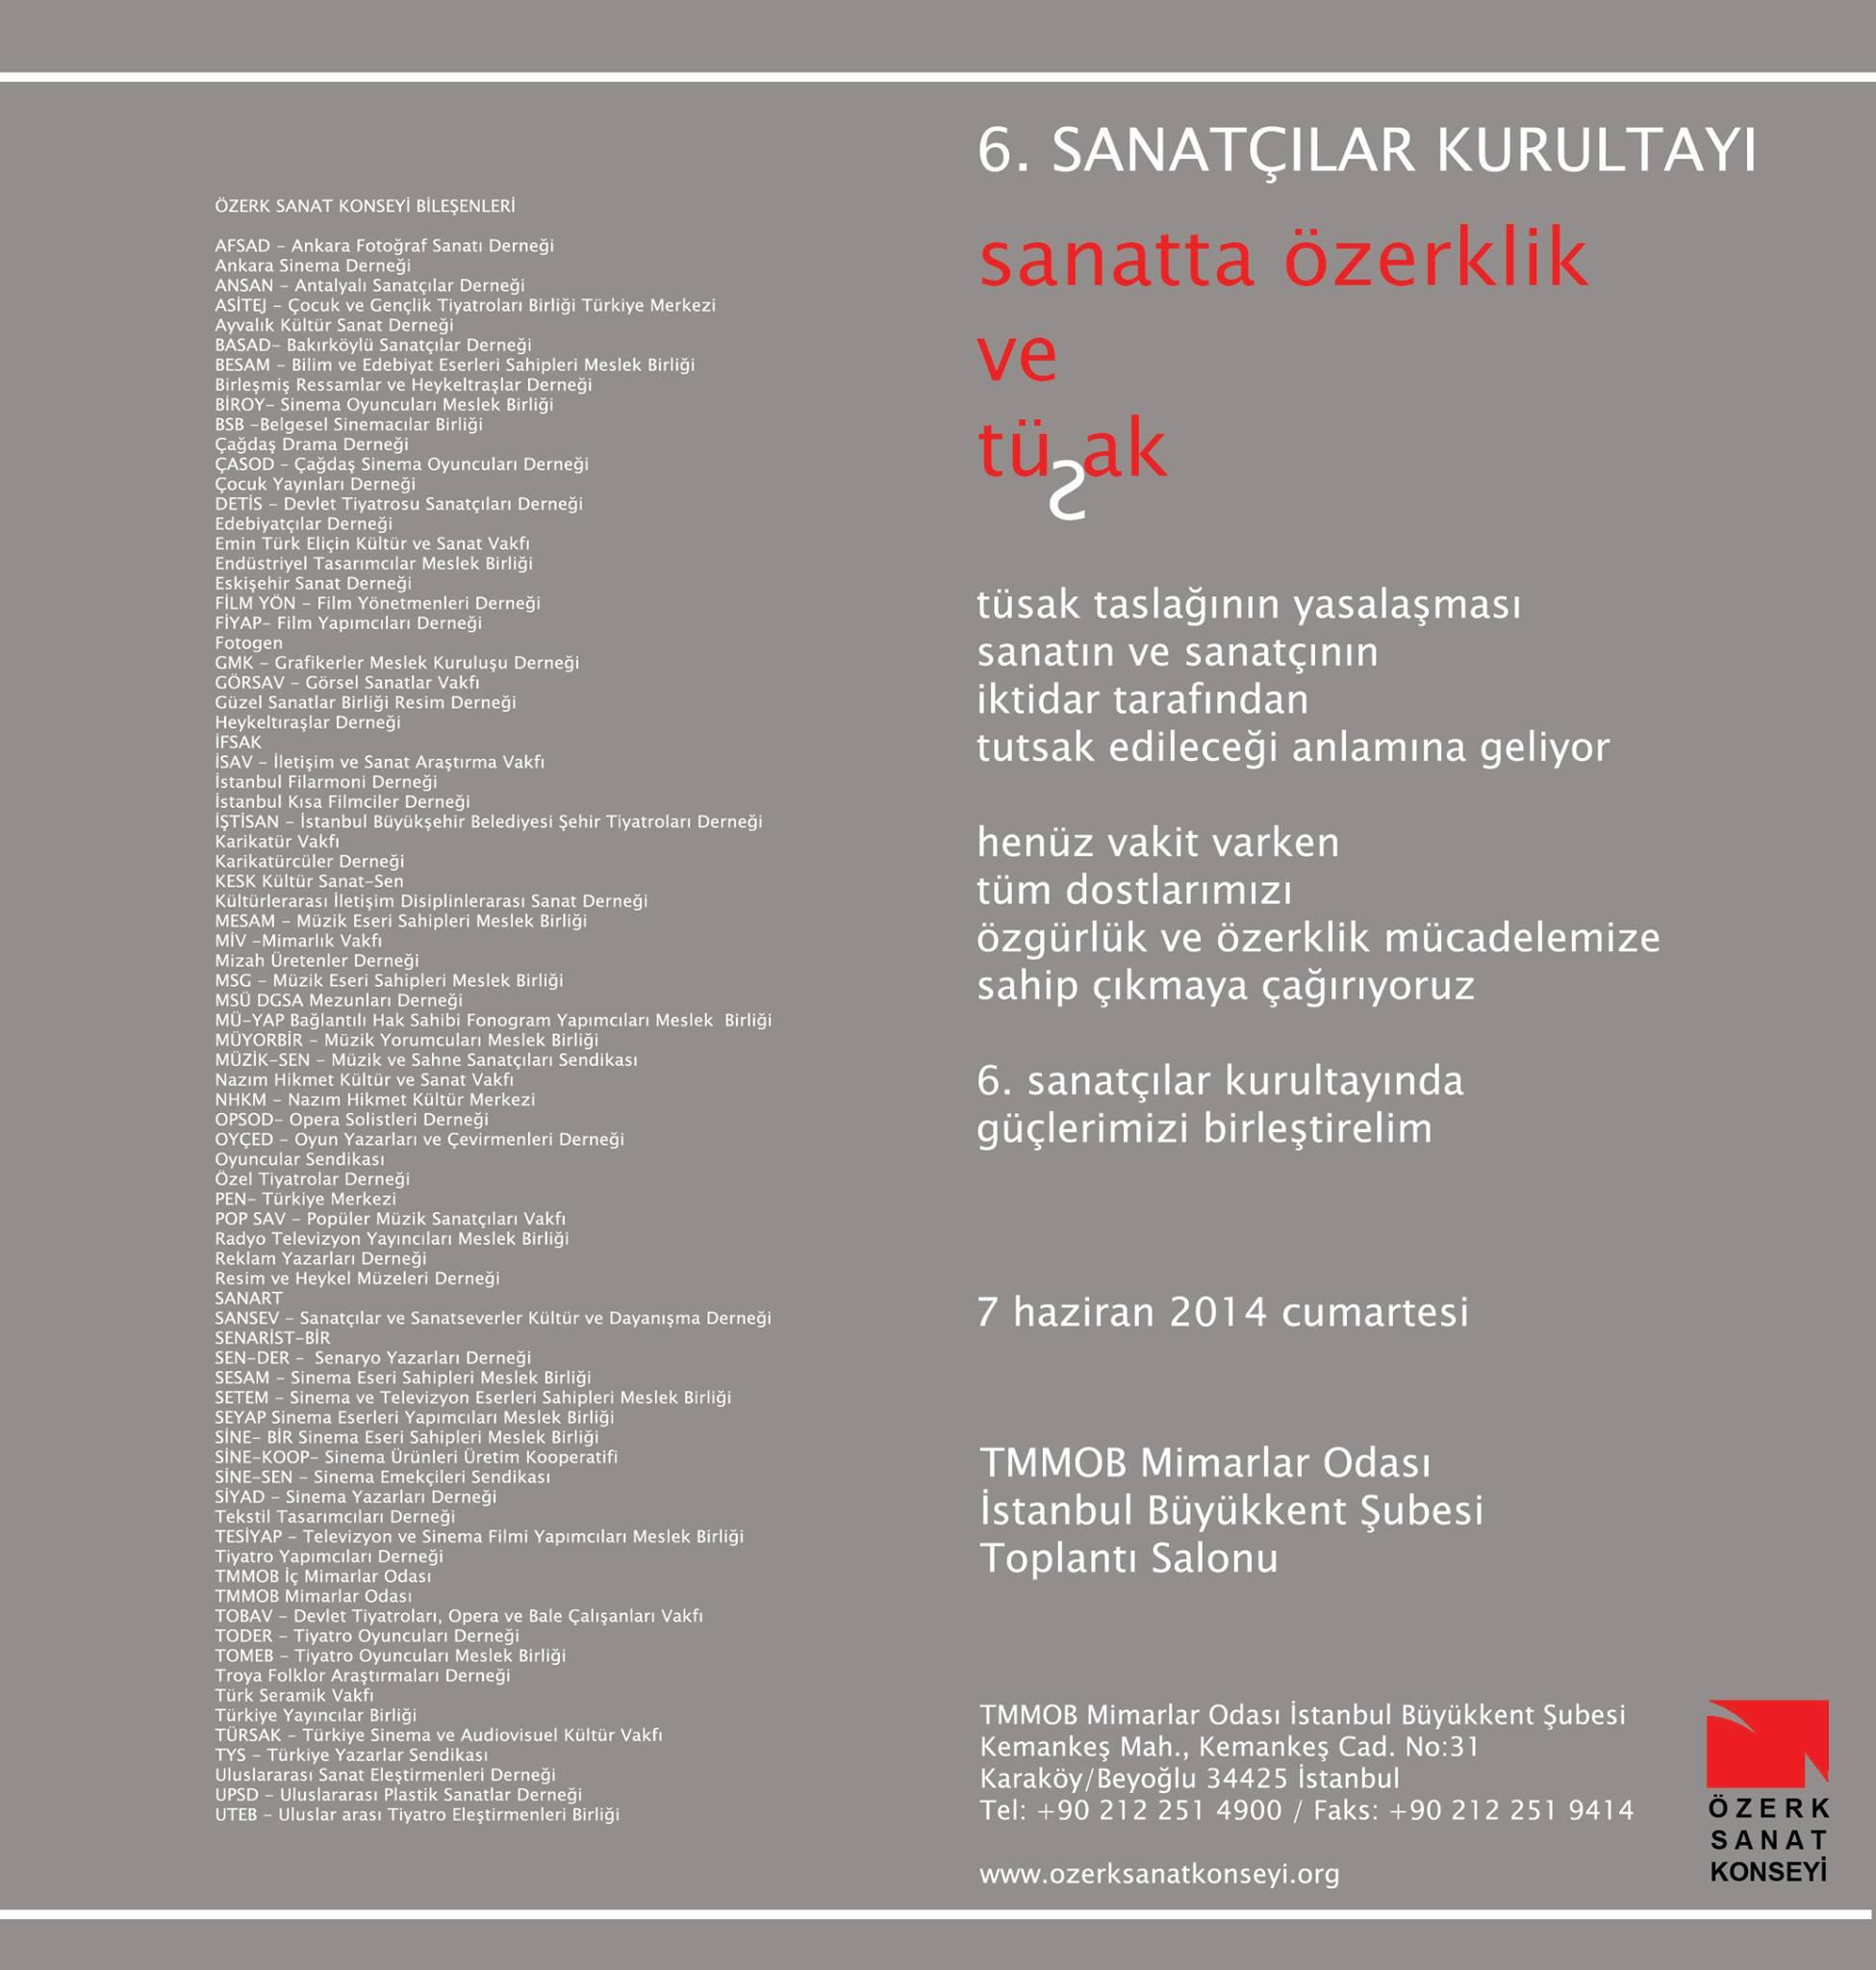 """""""SANATTA ÖZERKLİK VE TÜSAK"""" BAŞLIKLI 6.SANATÇILAR KURULTAYI..."""